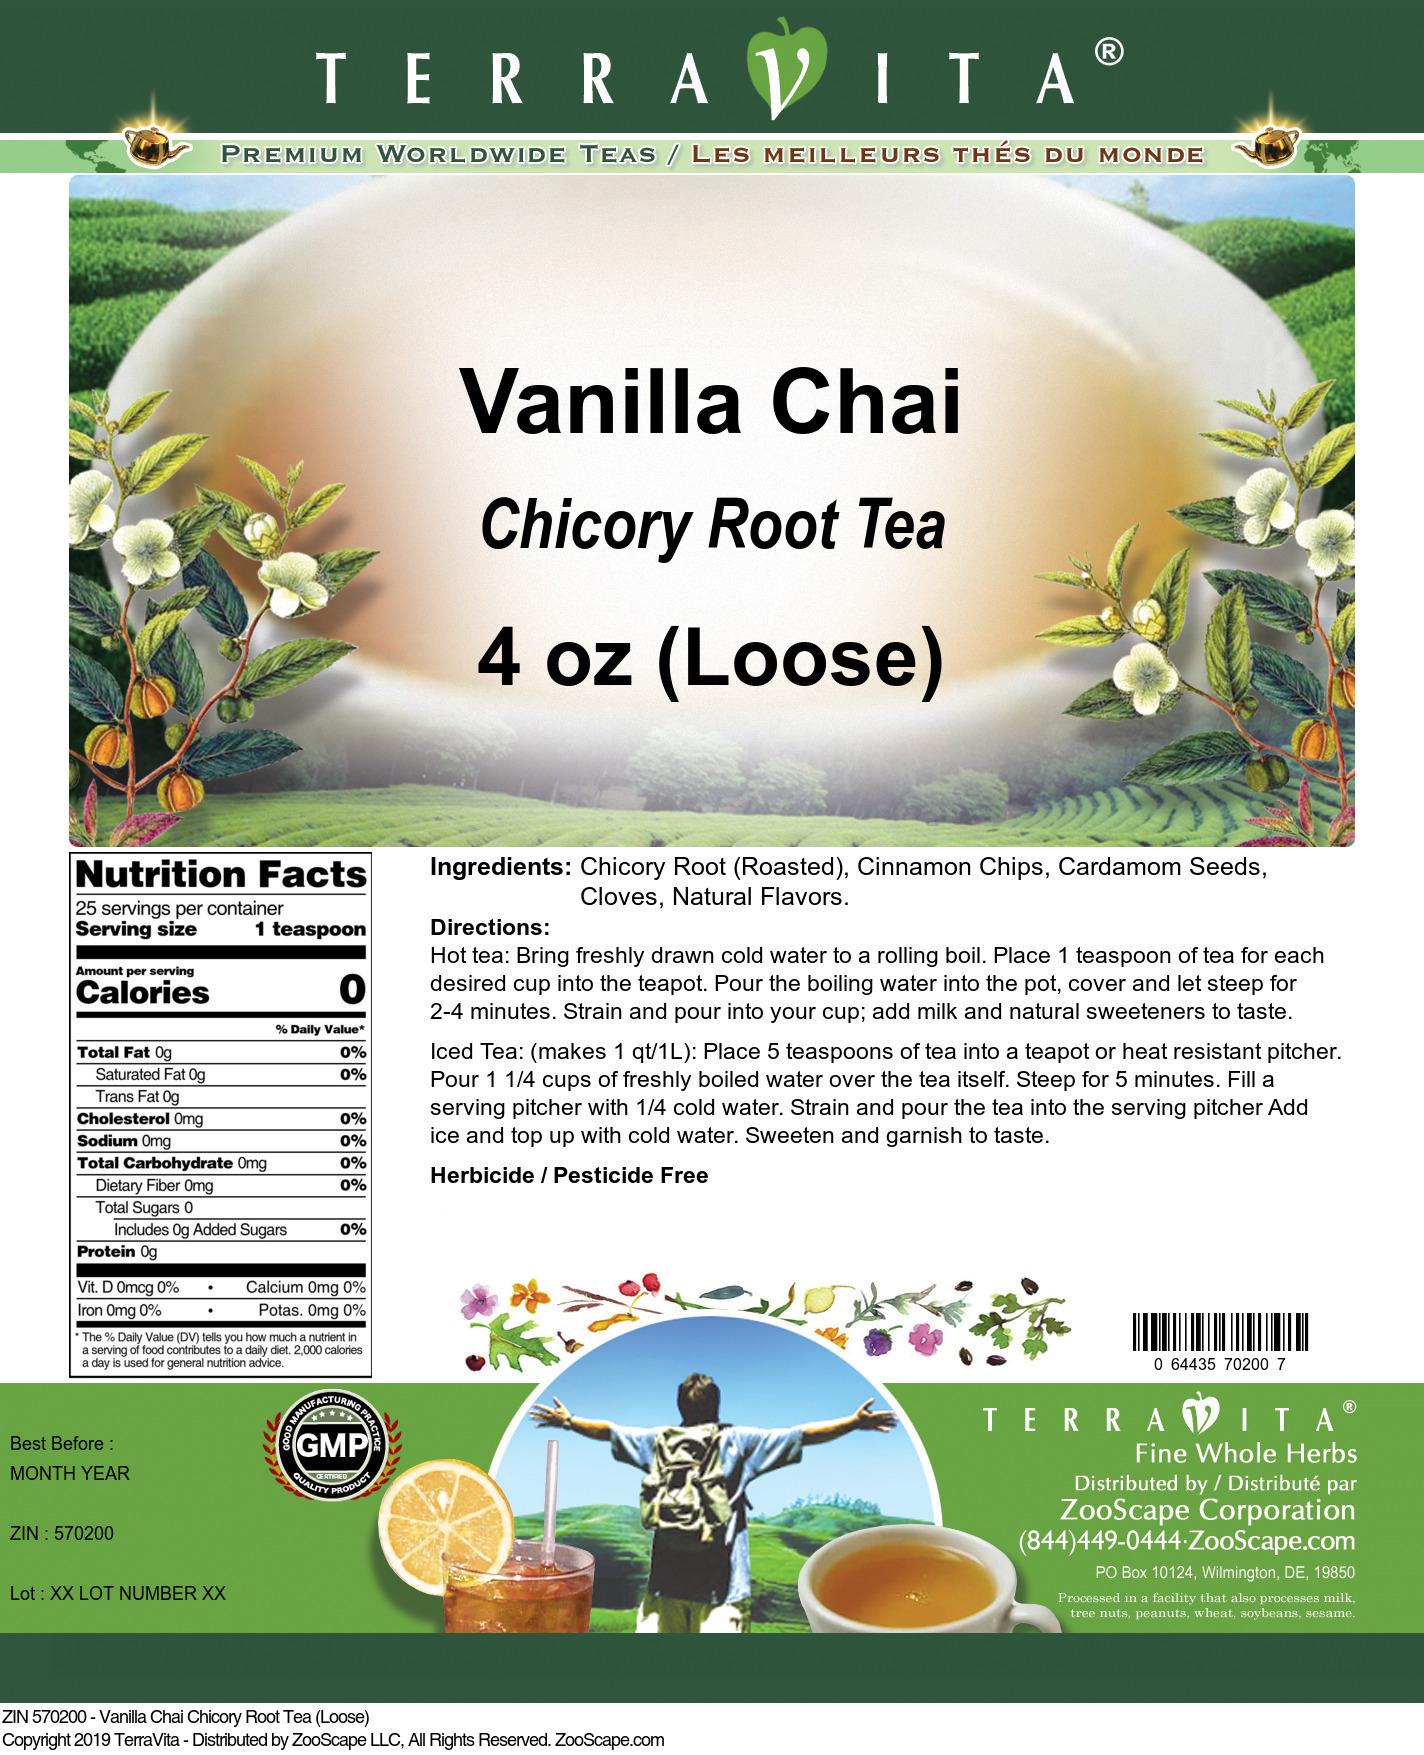 Vanilla Chai Chicory Root